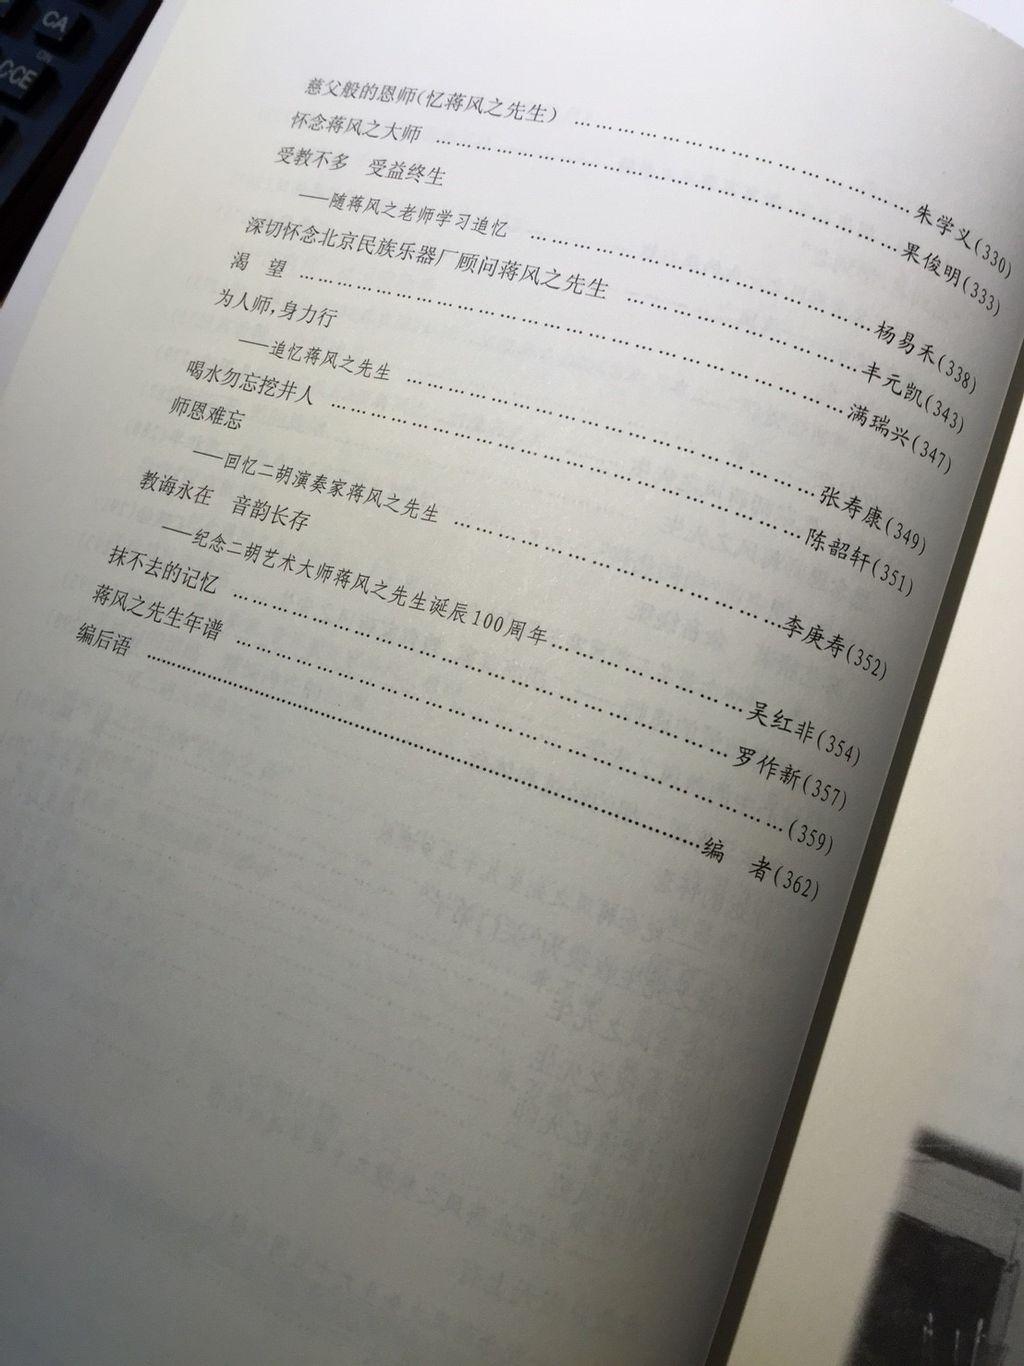 蔣風_170506_0001.jpg